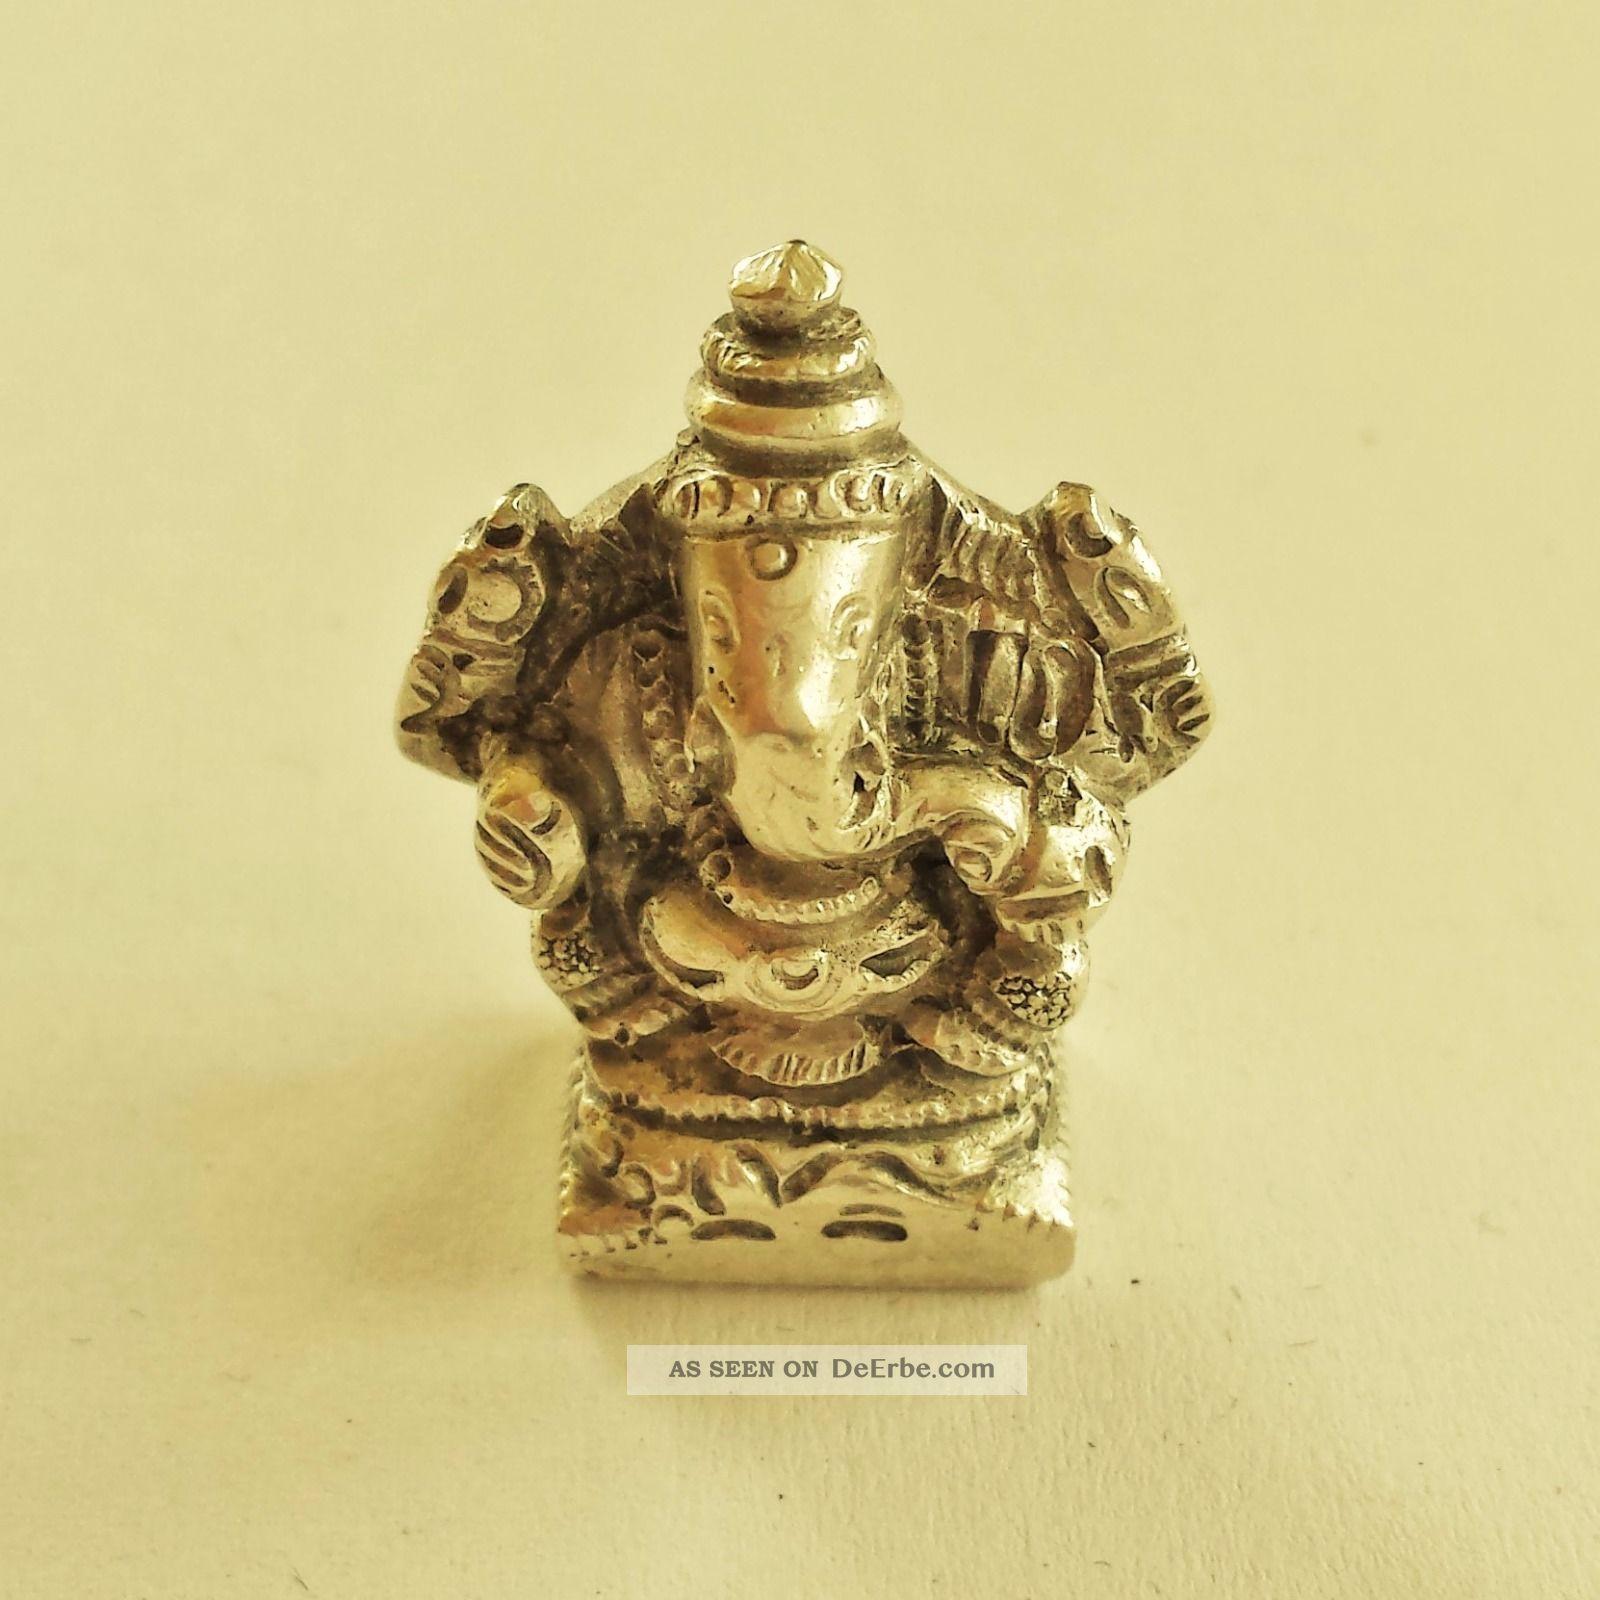 Ganesha Figur,  Silber 800er,  Jugendstil,  Elefant Schmuck & Accessoires Bild